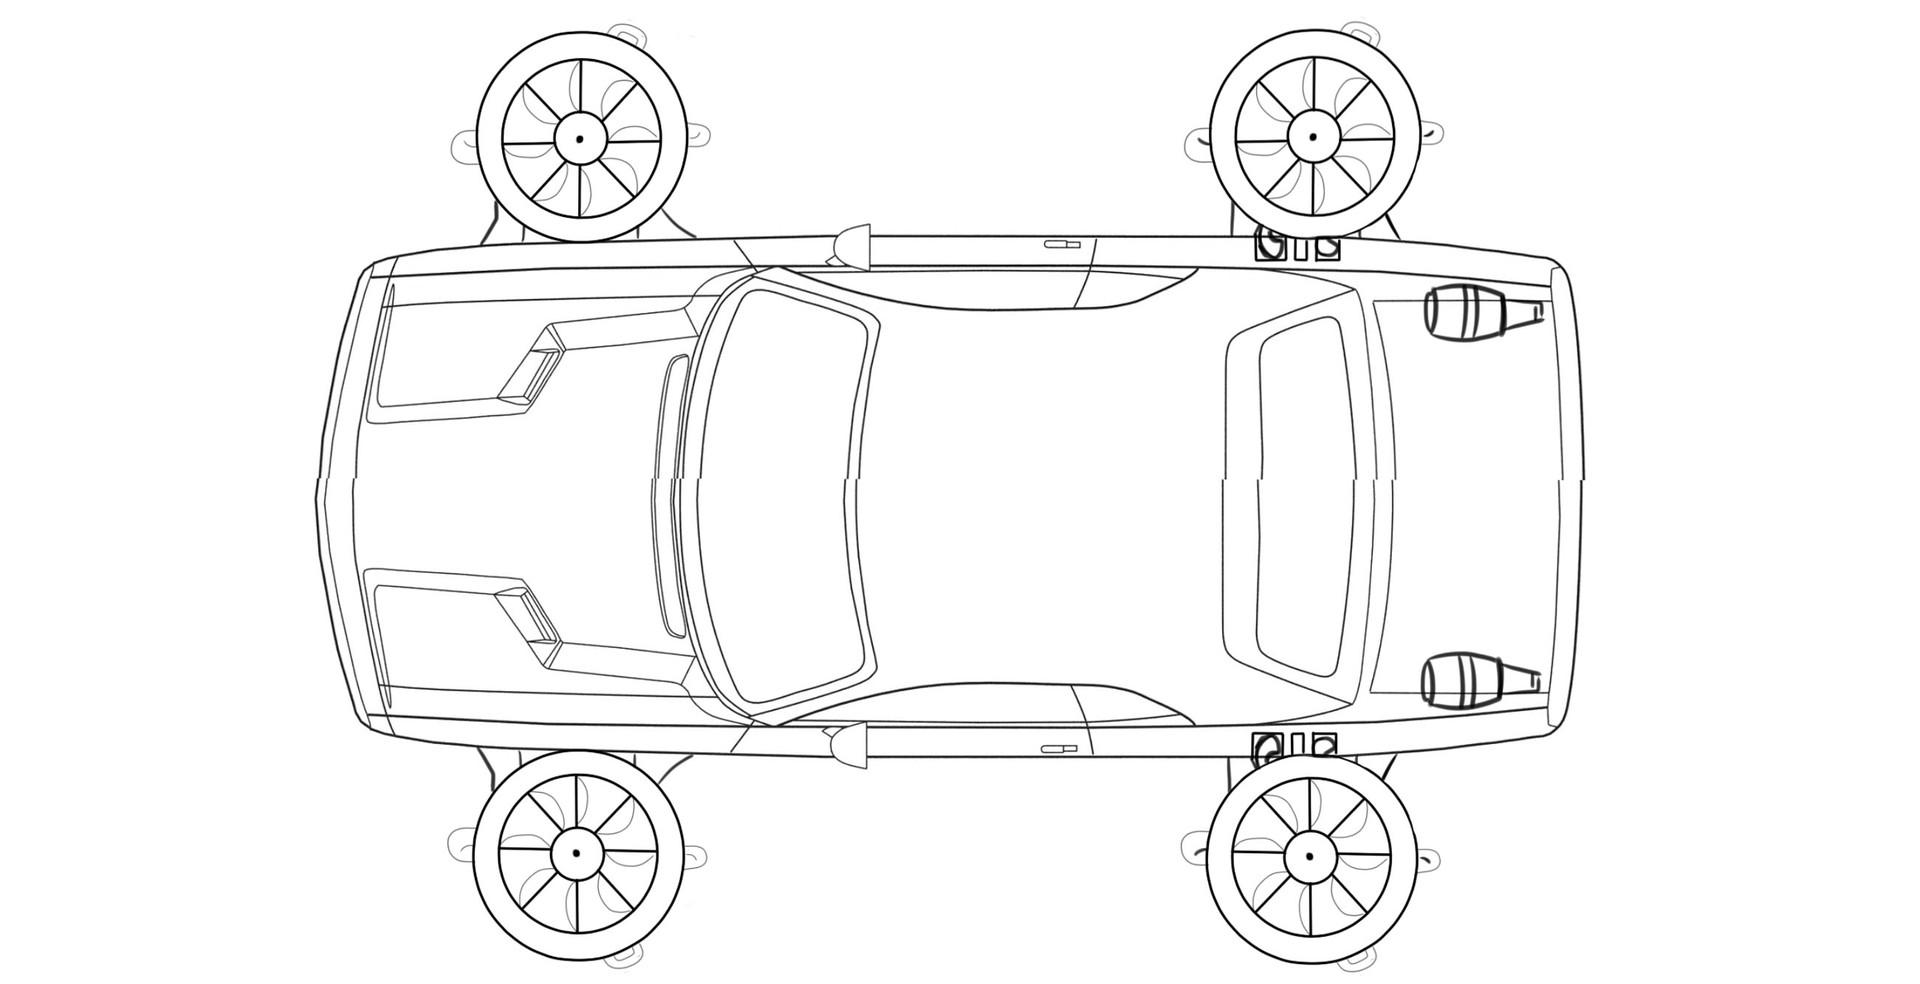 Aiden Mockridge Ba Game Art Year 1 Future Car Design